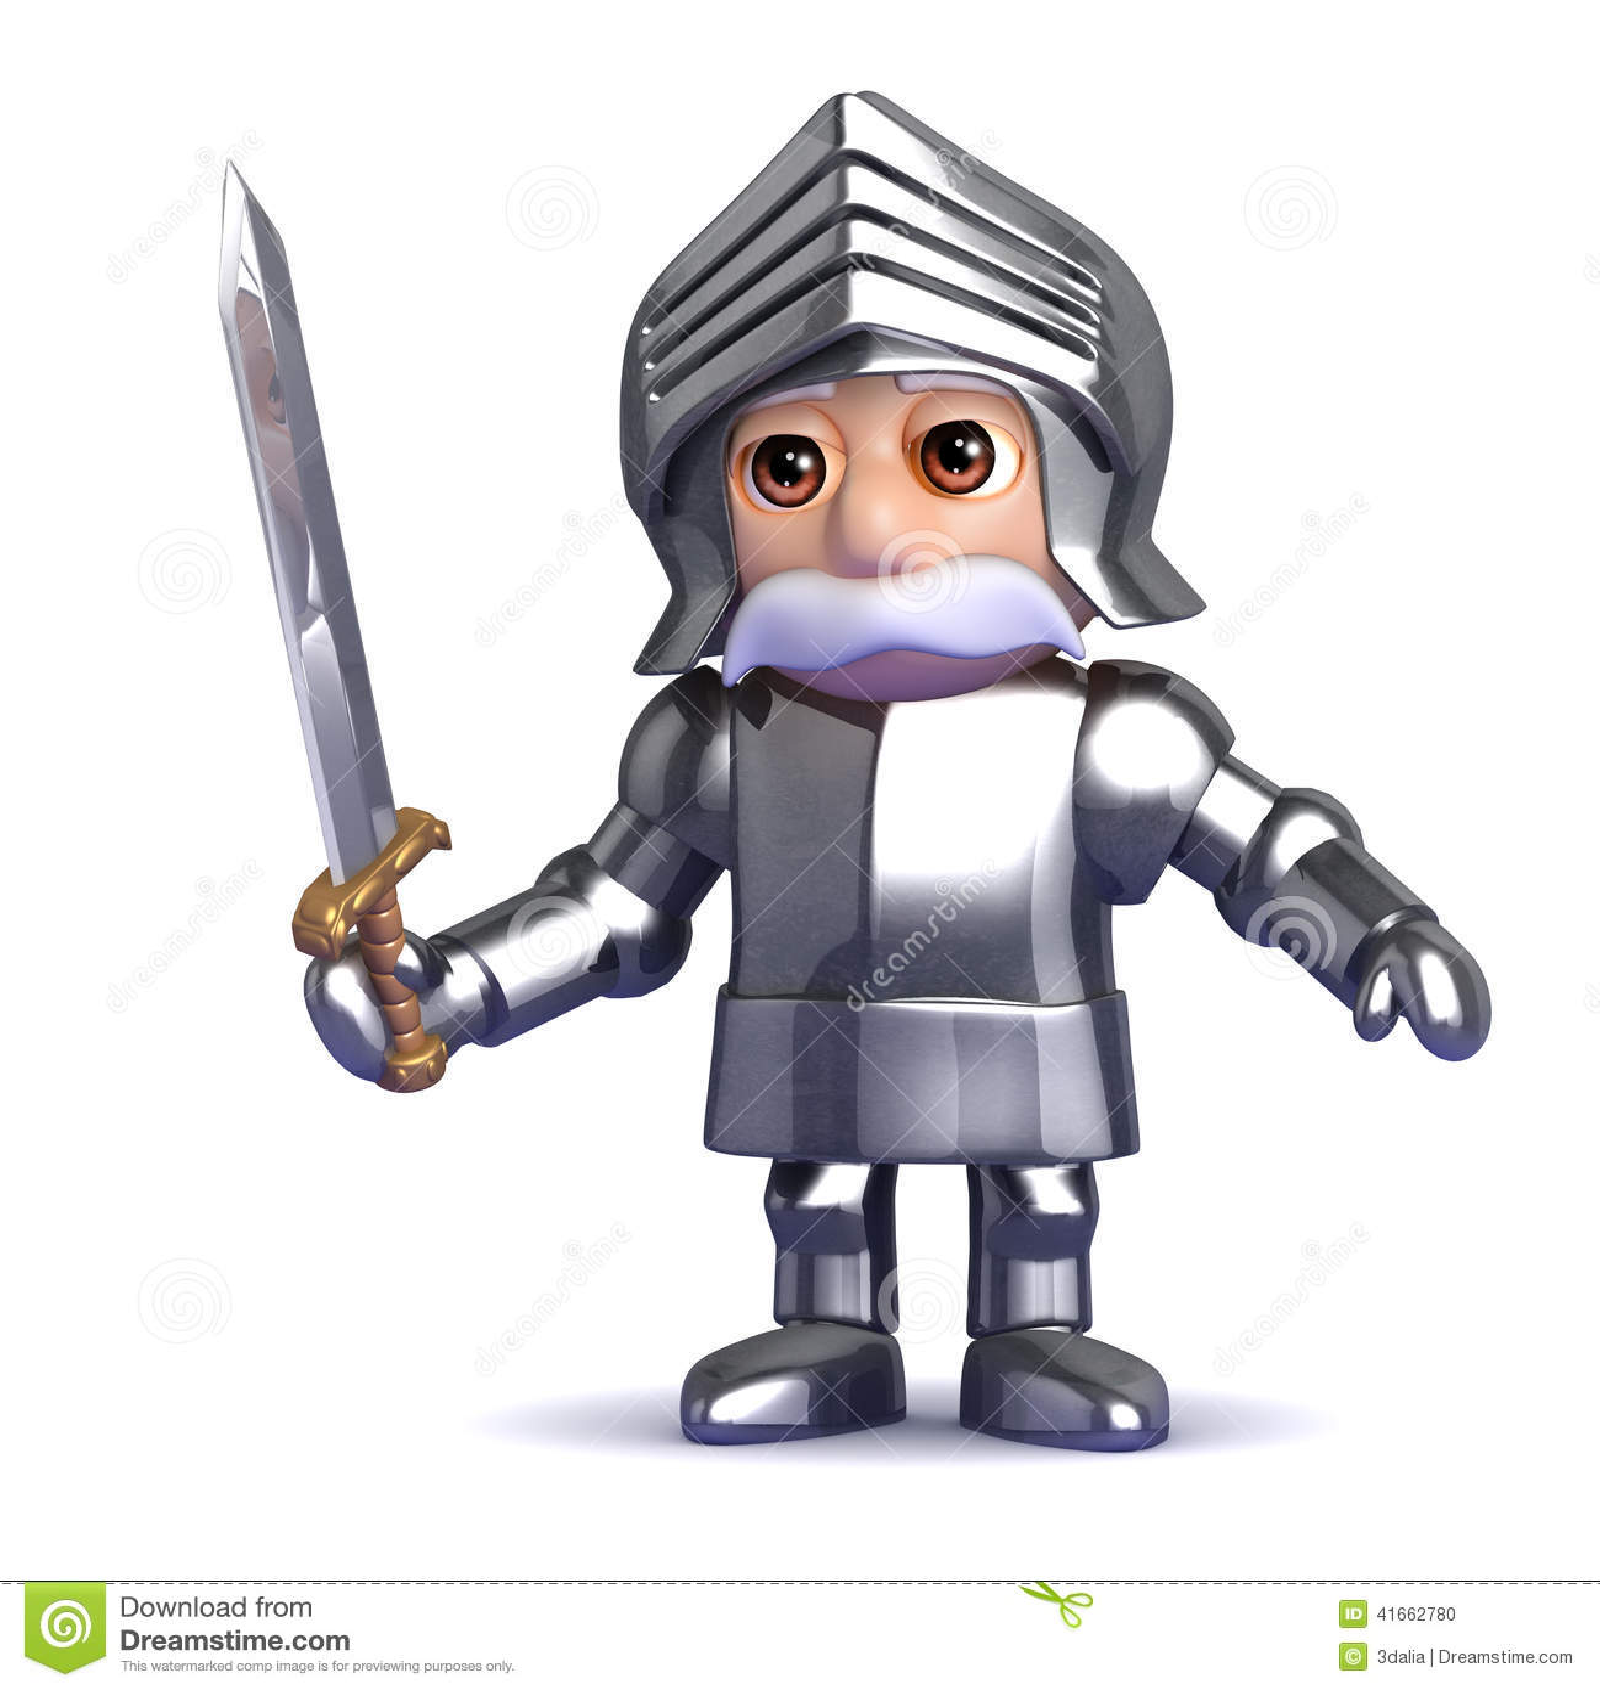 рыцарь 3d при нарисованная шпага